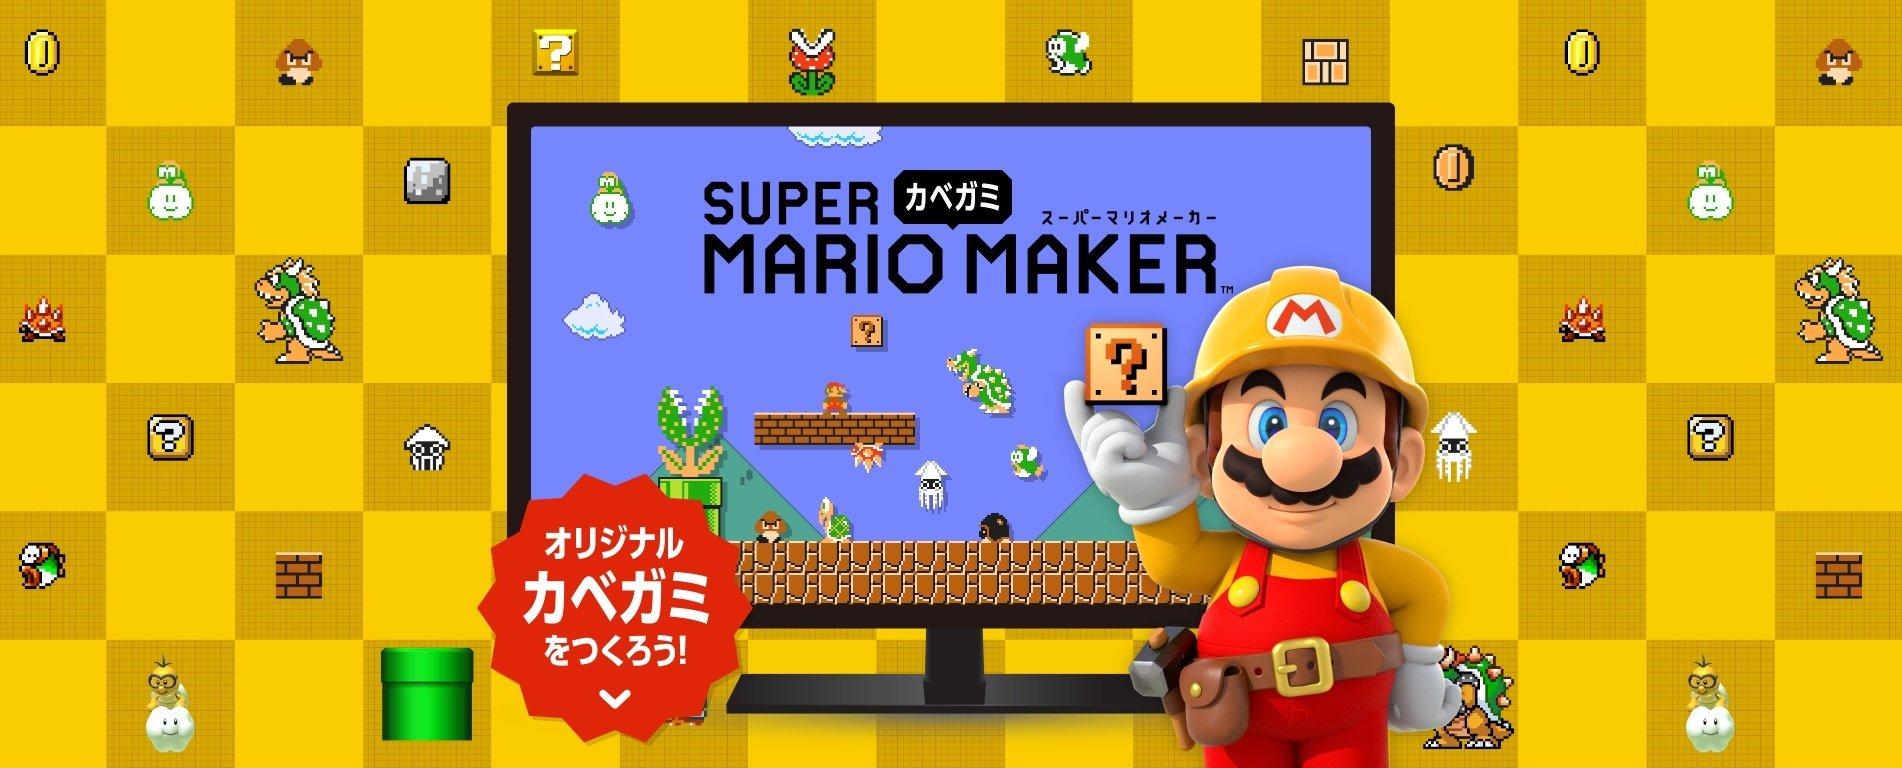 Mario maker wallpaper 1920x1080 for Online house maker